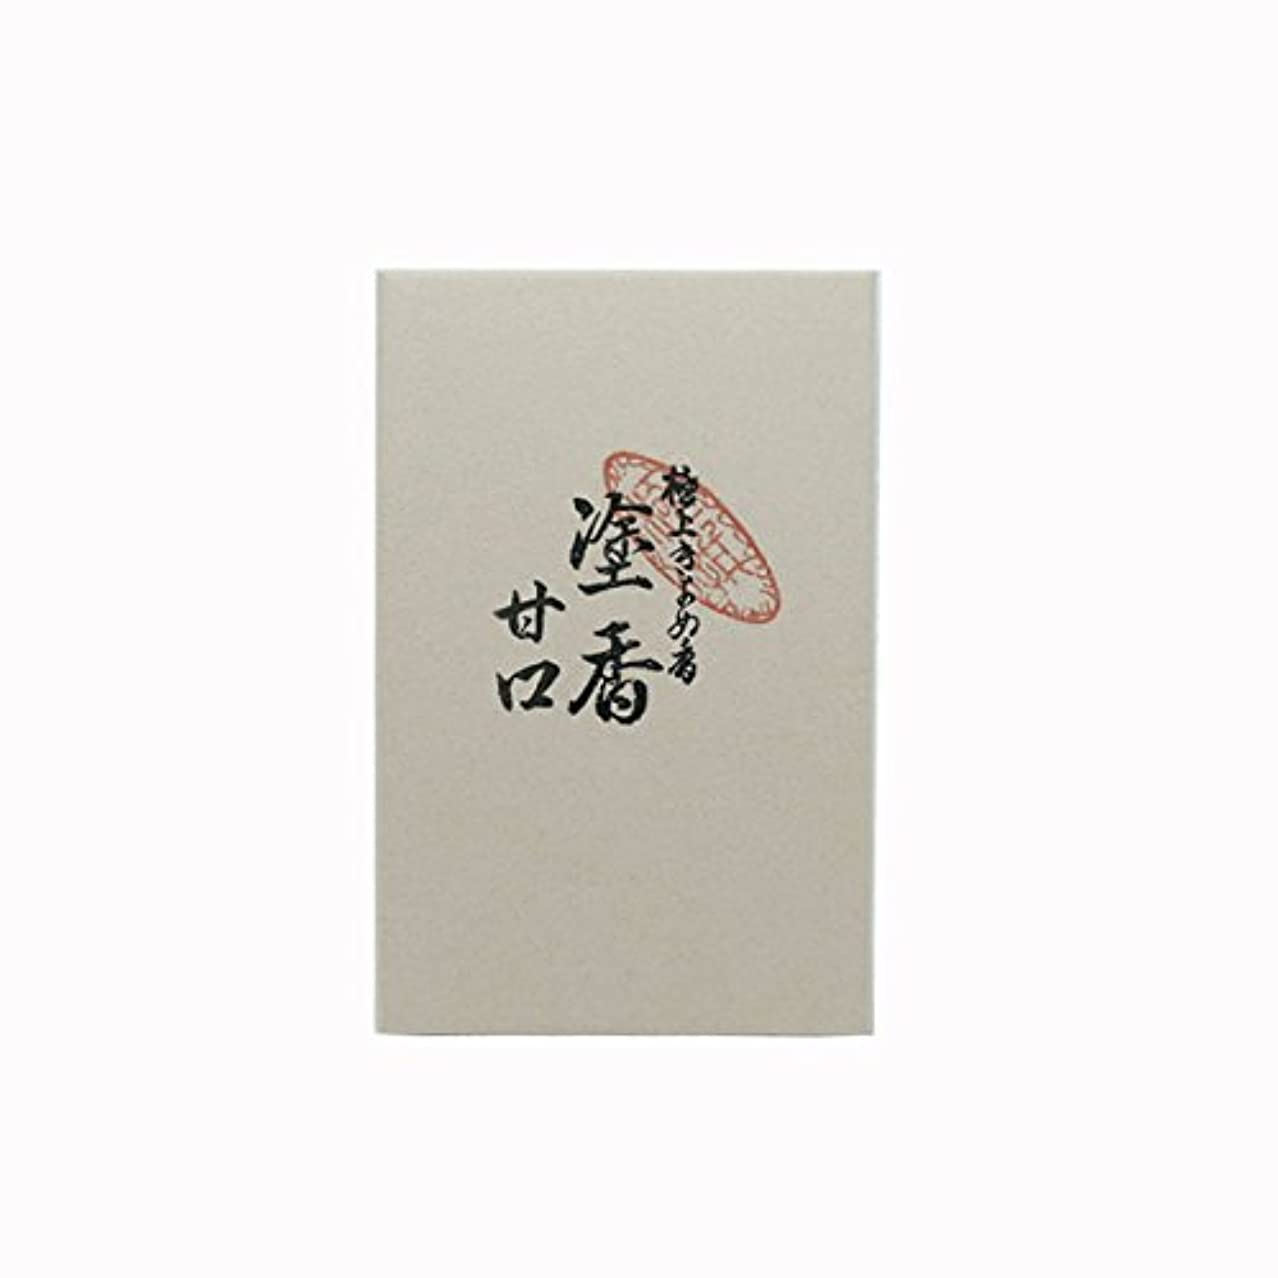 領収書緩やかな創傷塗香(甘口) 12g入